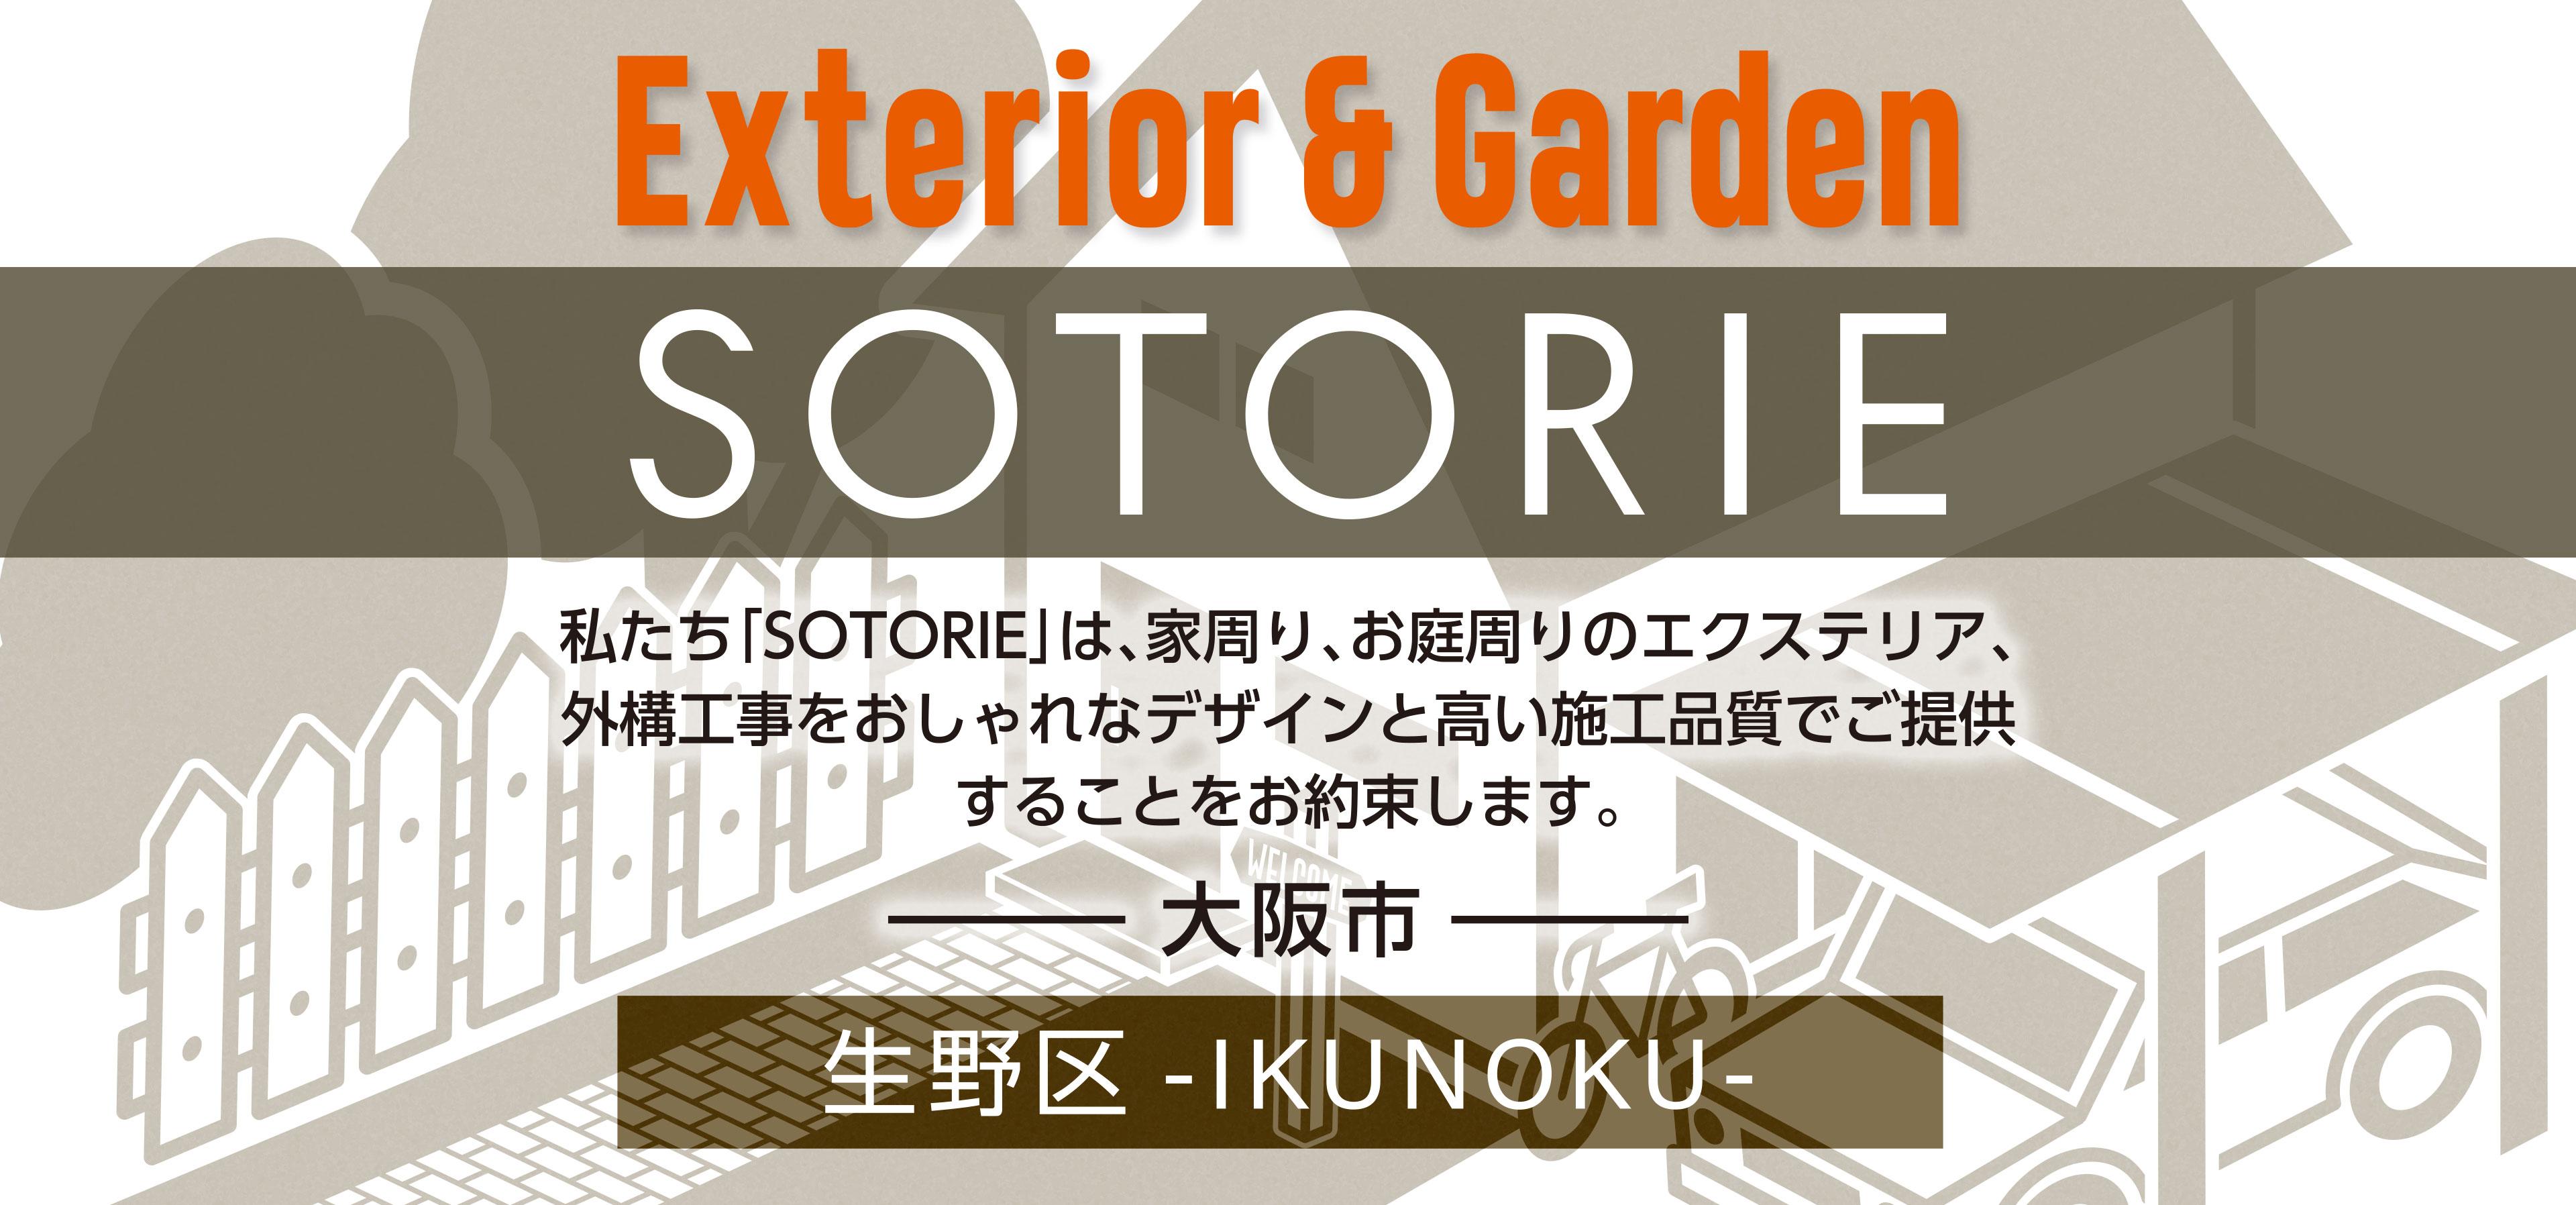 ソトリエ大阪市生野区では、家周りと庭周りの外構、エクステリア工事をおしゃれなデザインと高い施工品質でご提供することをお約束します。